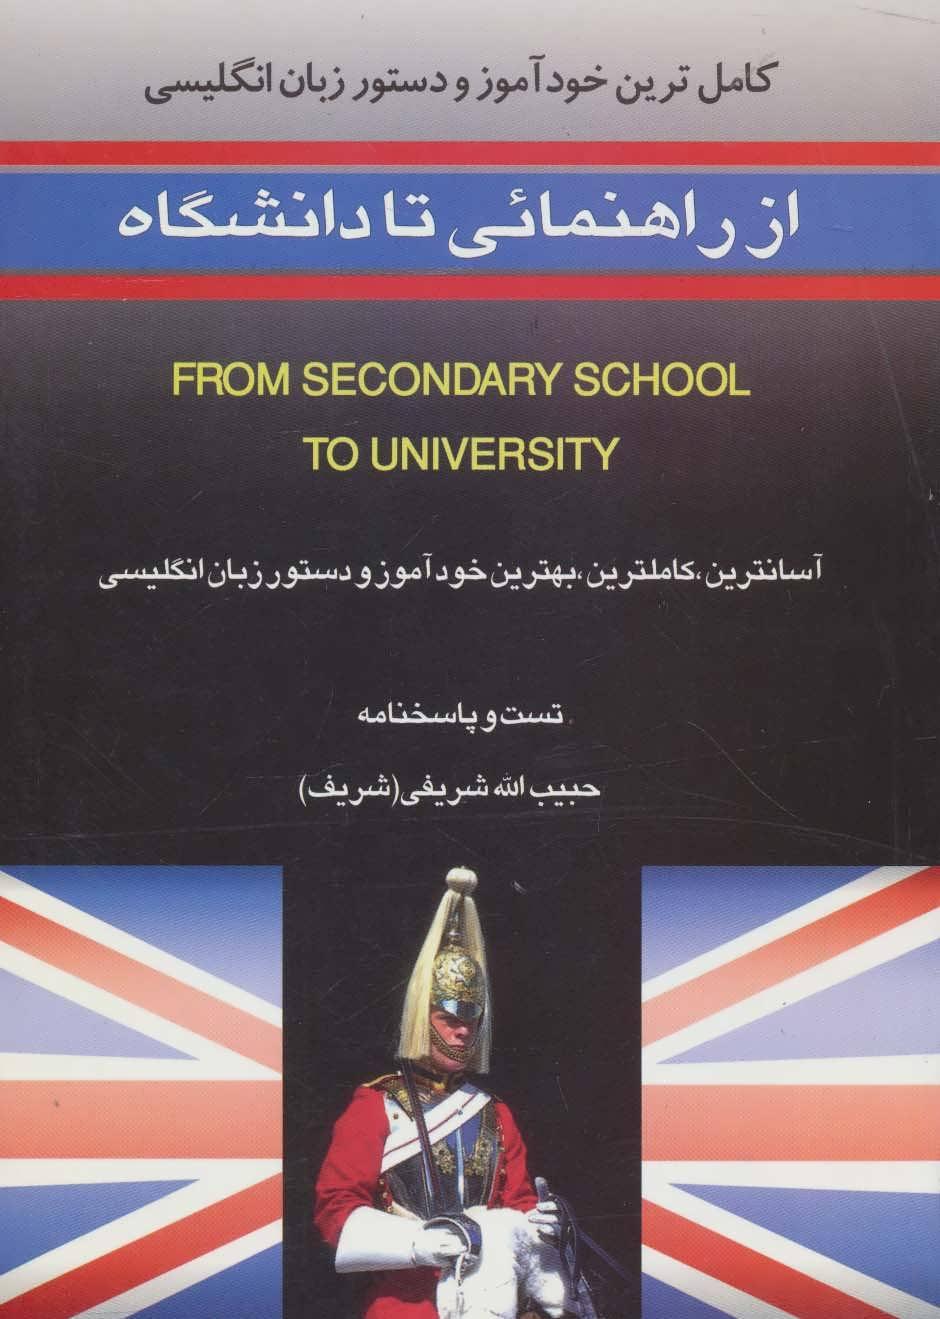 كامل ترين خودآموز و دستور زبان انگليسي از راهنمائي تا دانشگاه